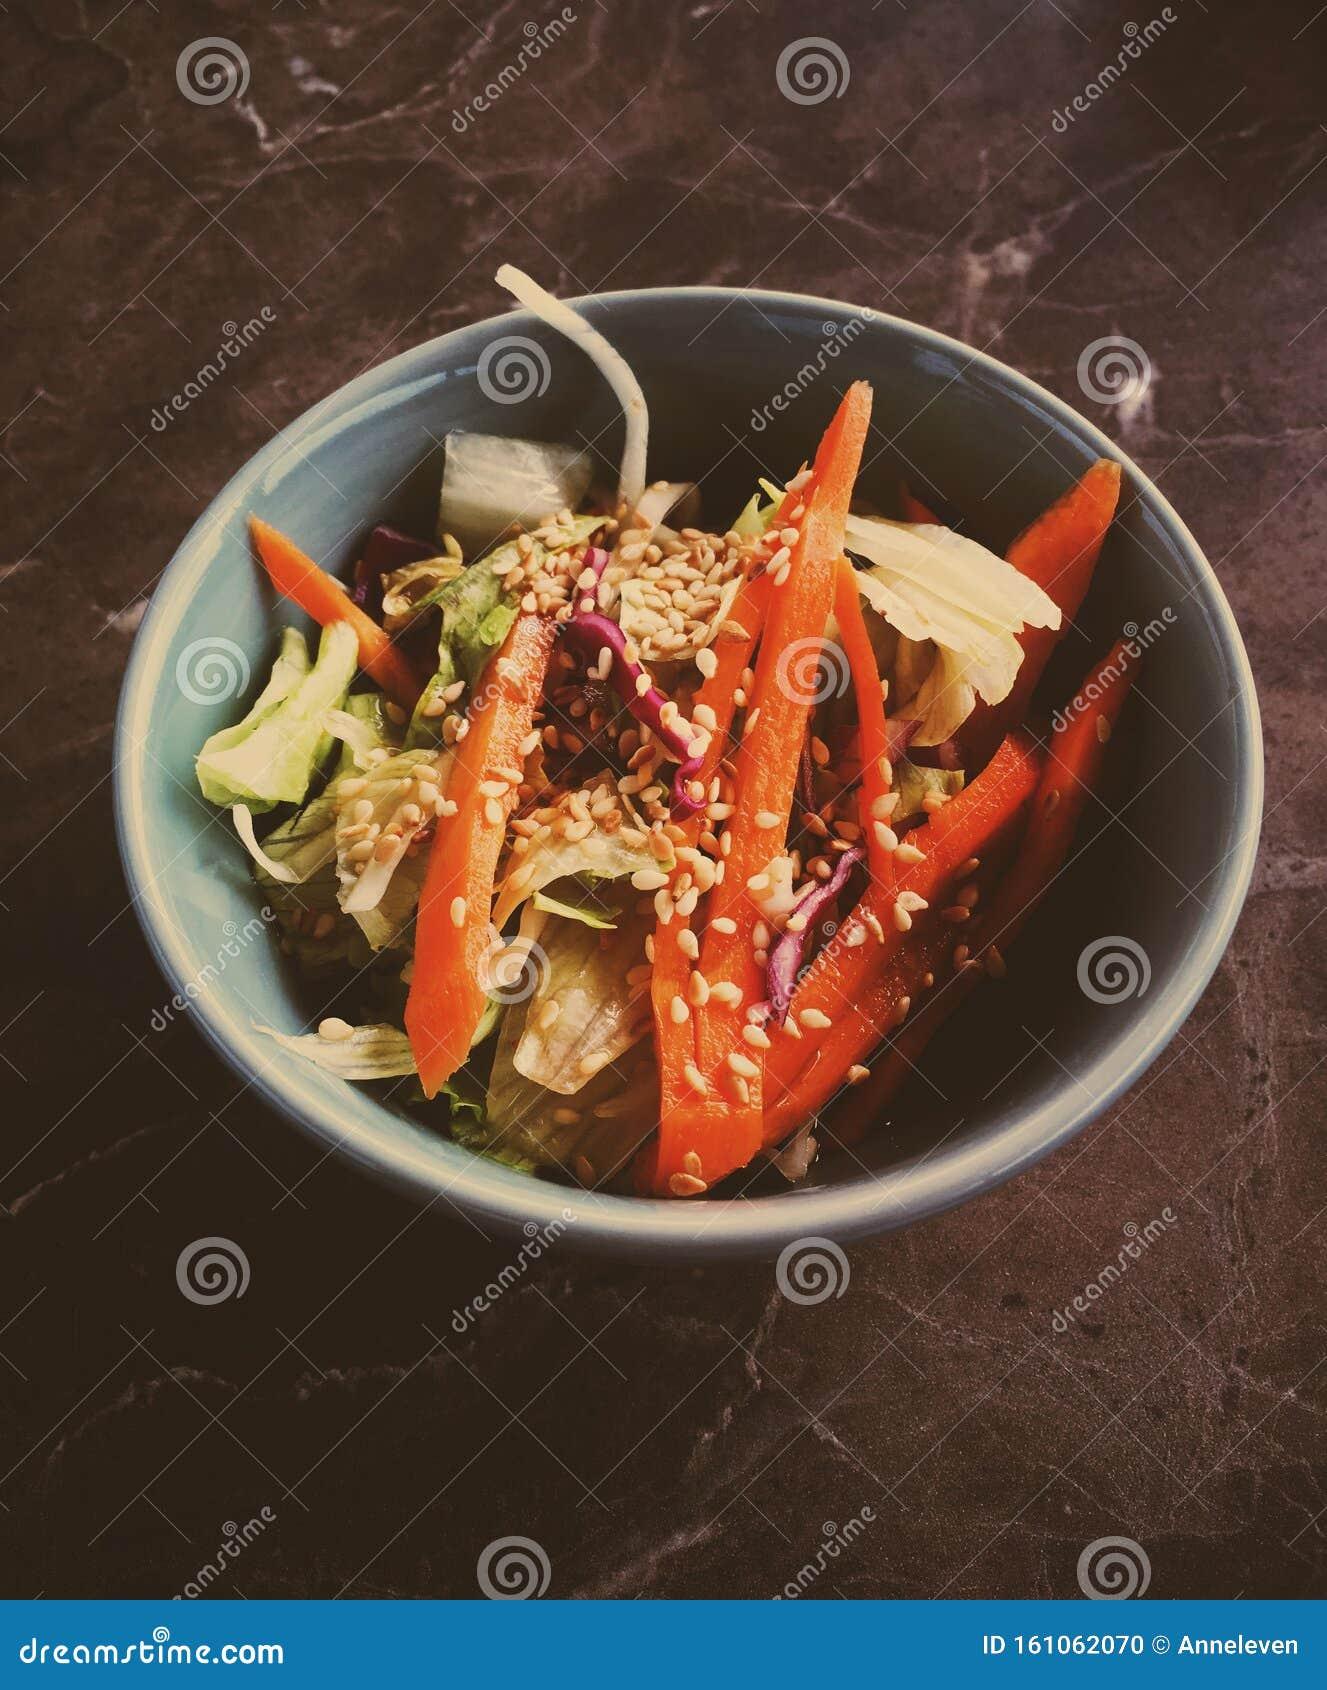 Insalata Vegetale Asiatica Servita In Una Ciotola Di Un Ristorante Giapponese Cibo Salutare Fotografia Stock Immagine Di Festa Verdi 161062070